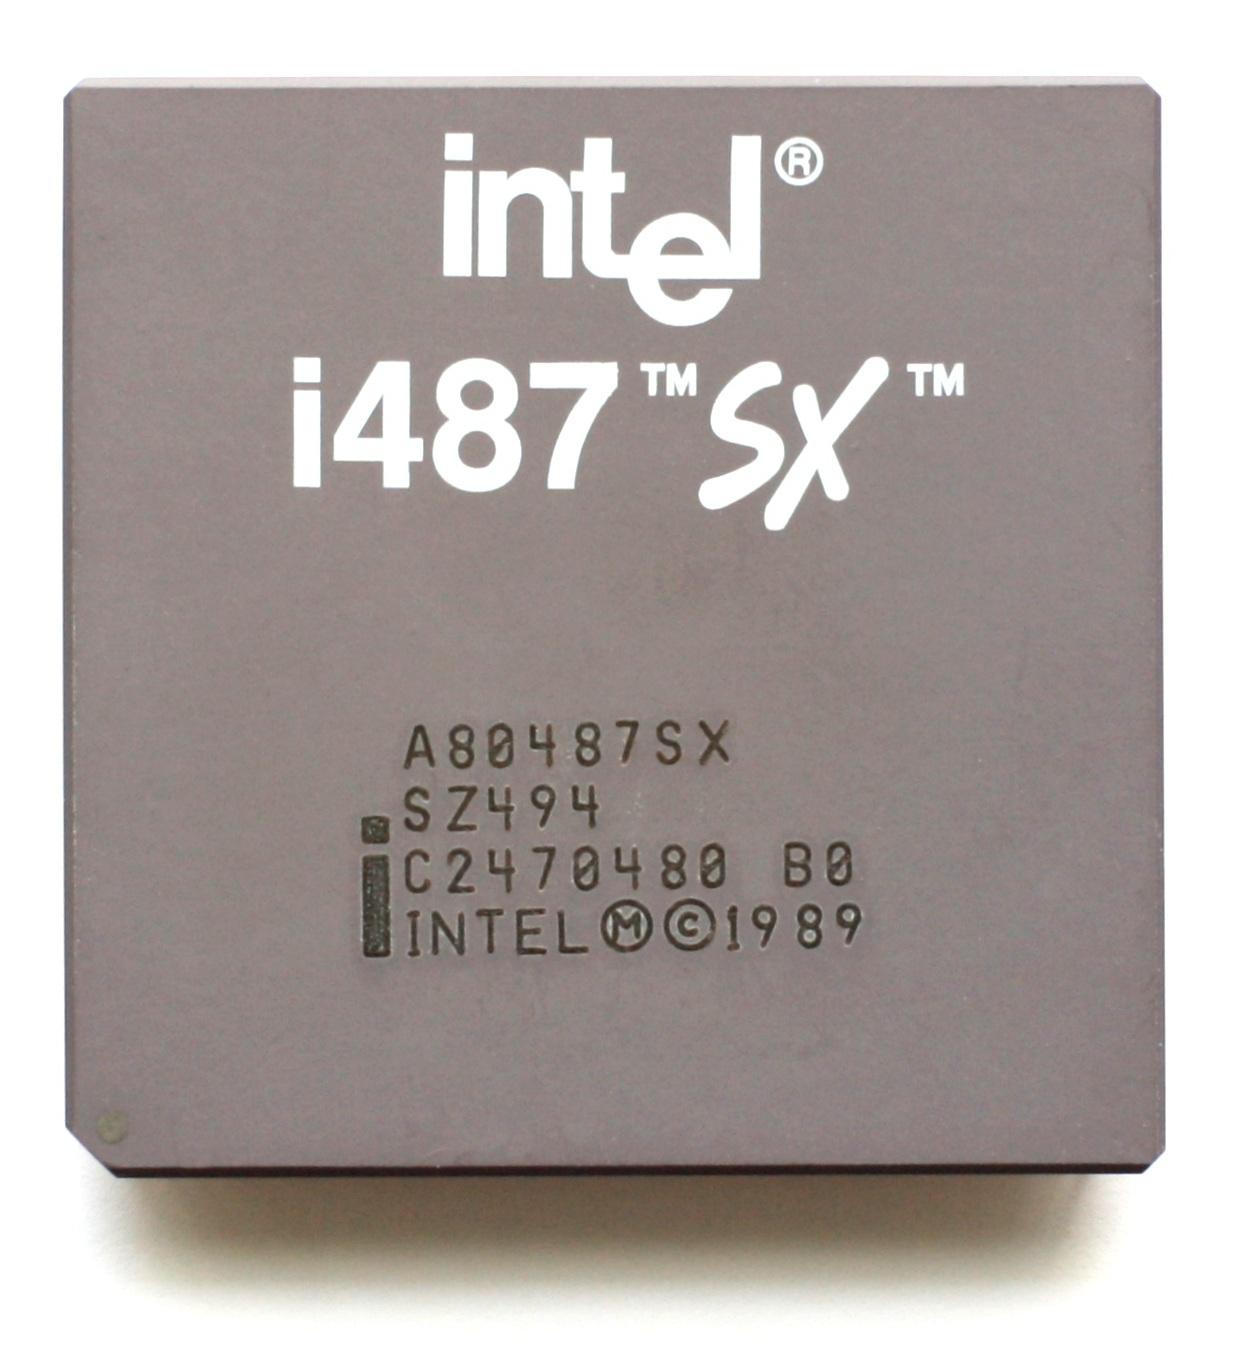 KL Intel i487SX.jpg